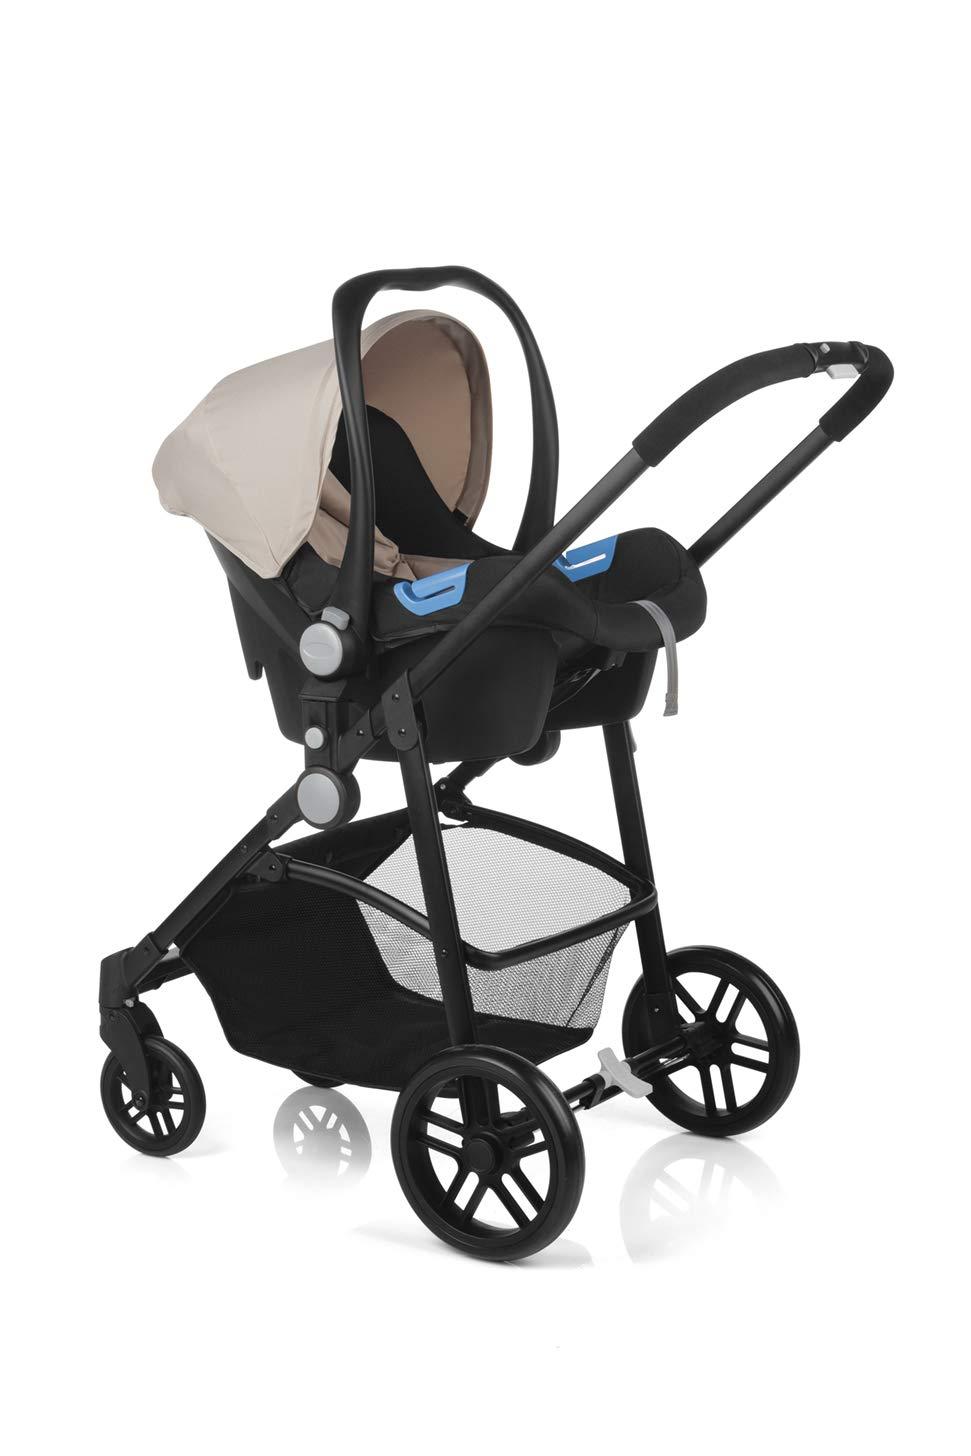 Nurse by Jané Roller Convert + Click - Silla de paseo convertible + portabebé, Color Beige-Negro